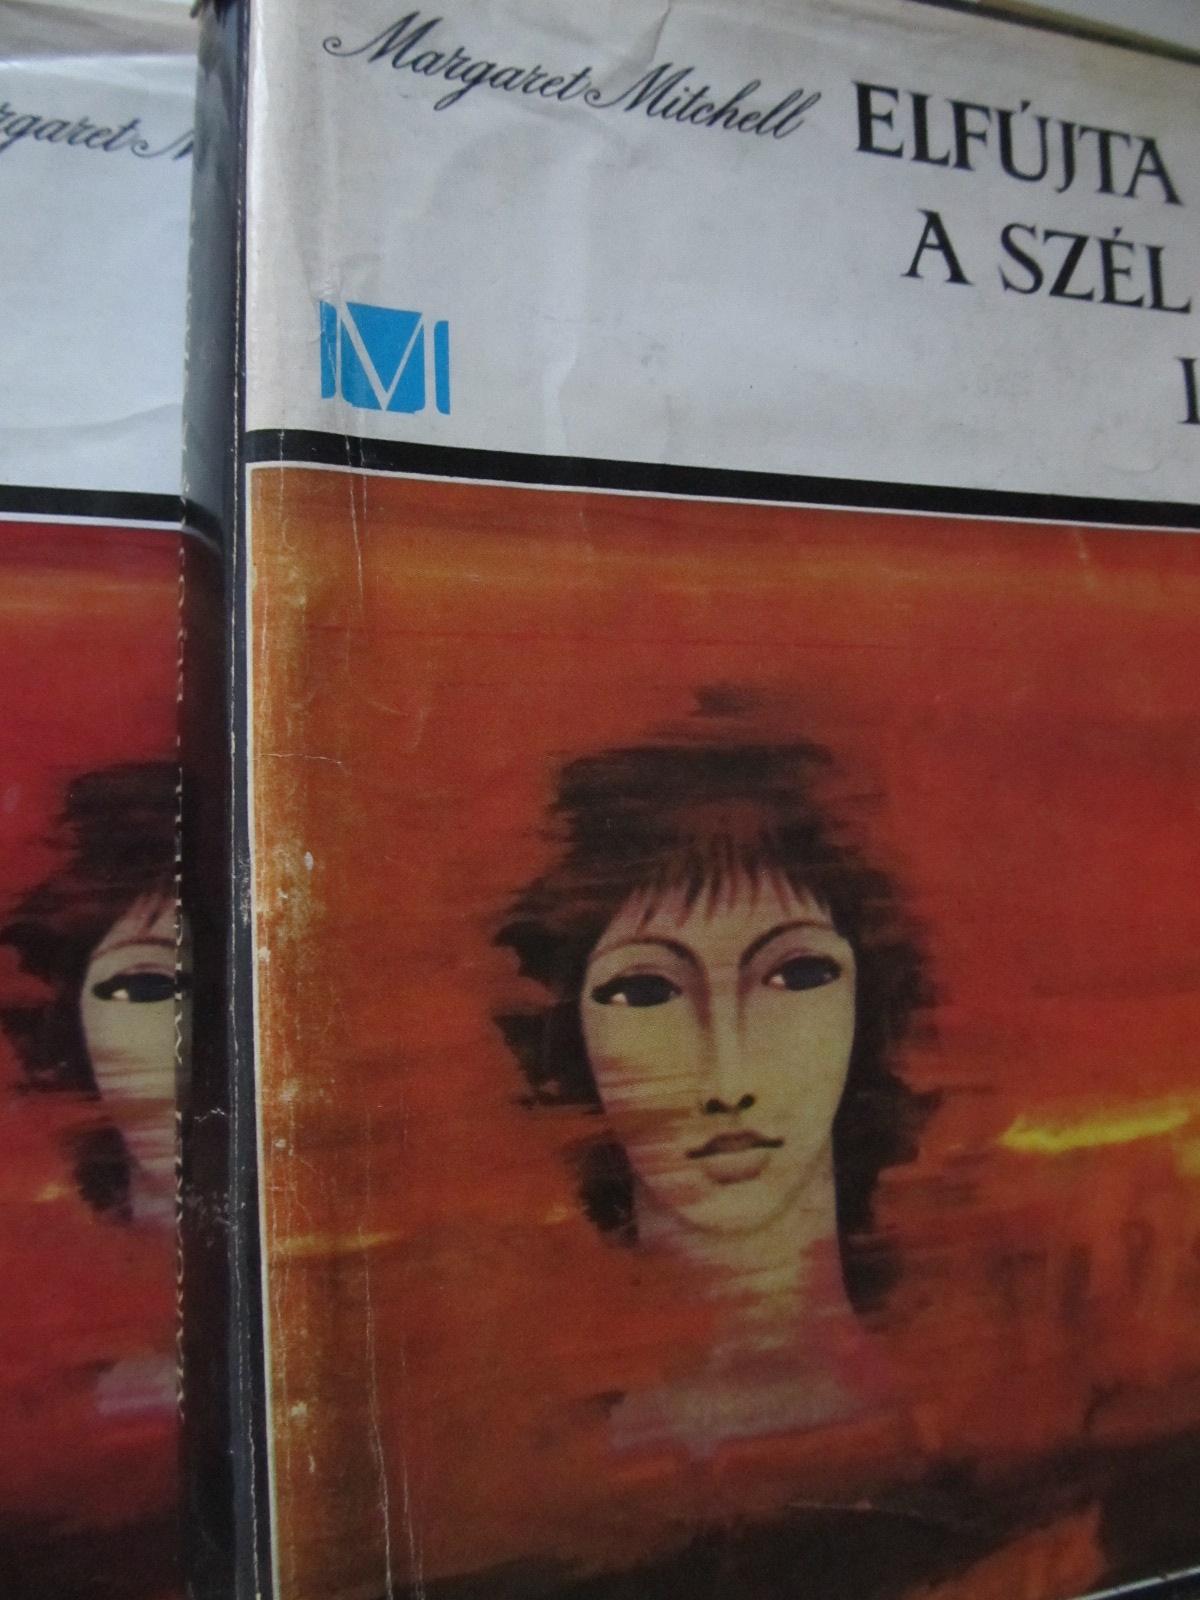 Elfujta a szel (2 vol.) - Margaret Mitchell | Detalii carte